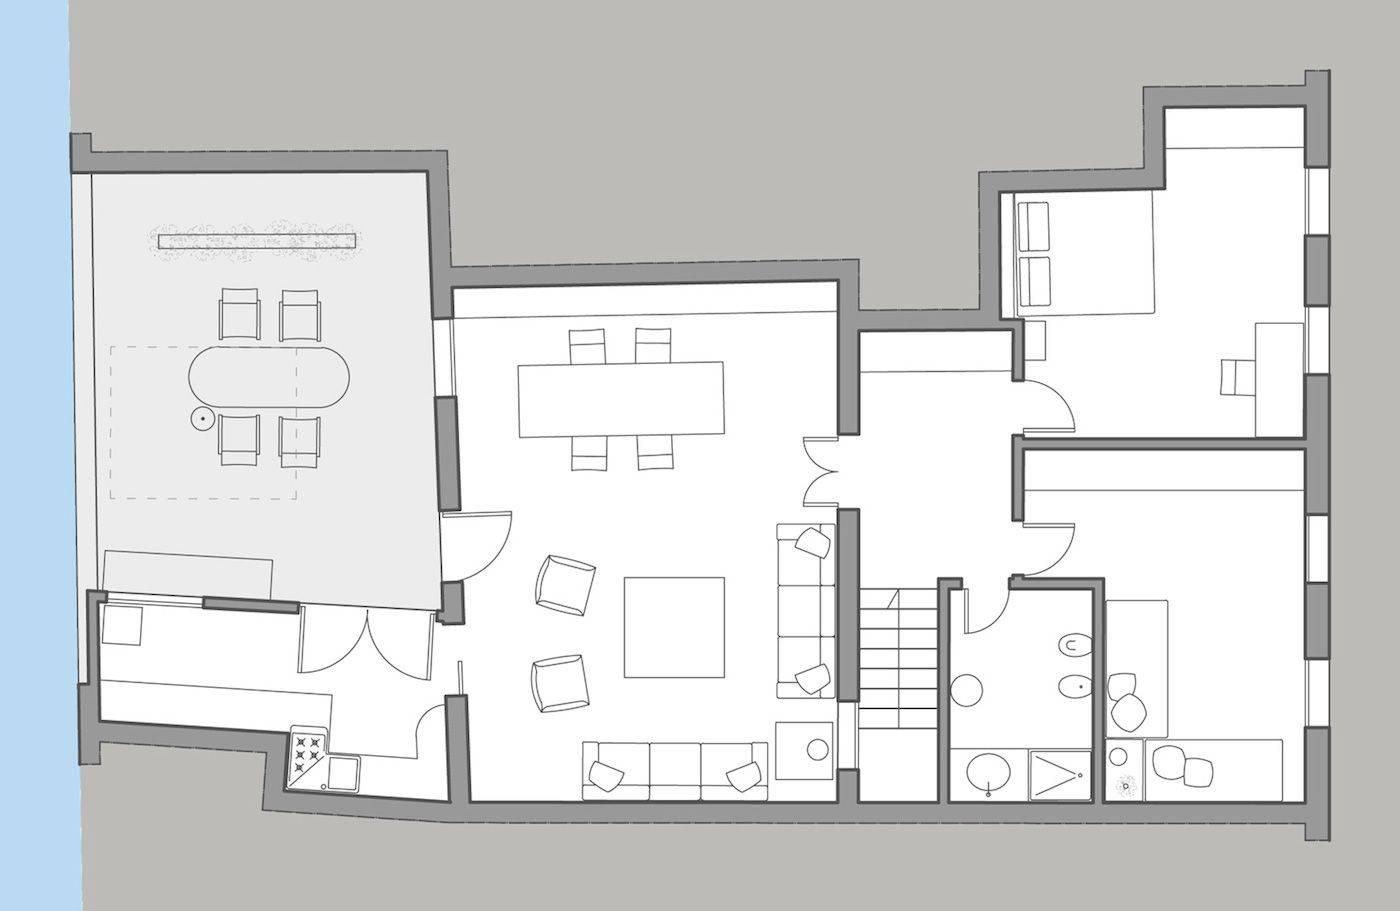 Biennale floor plan